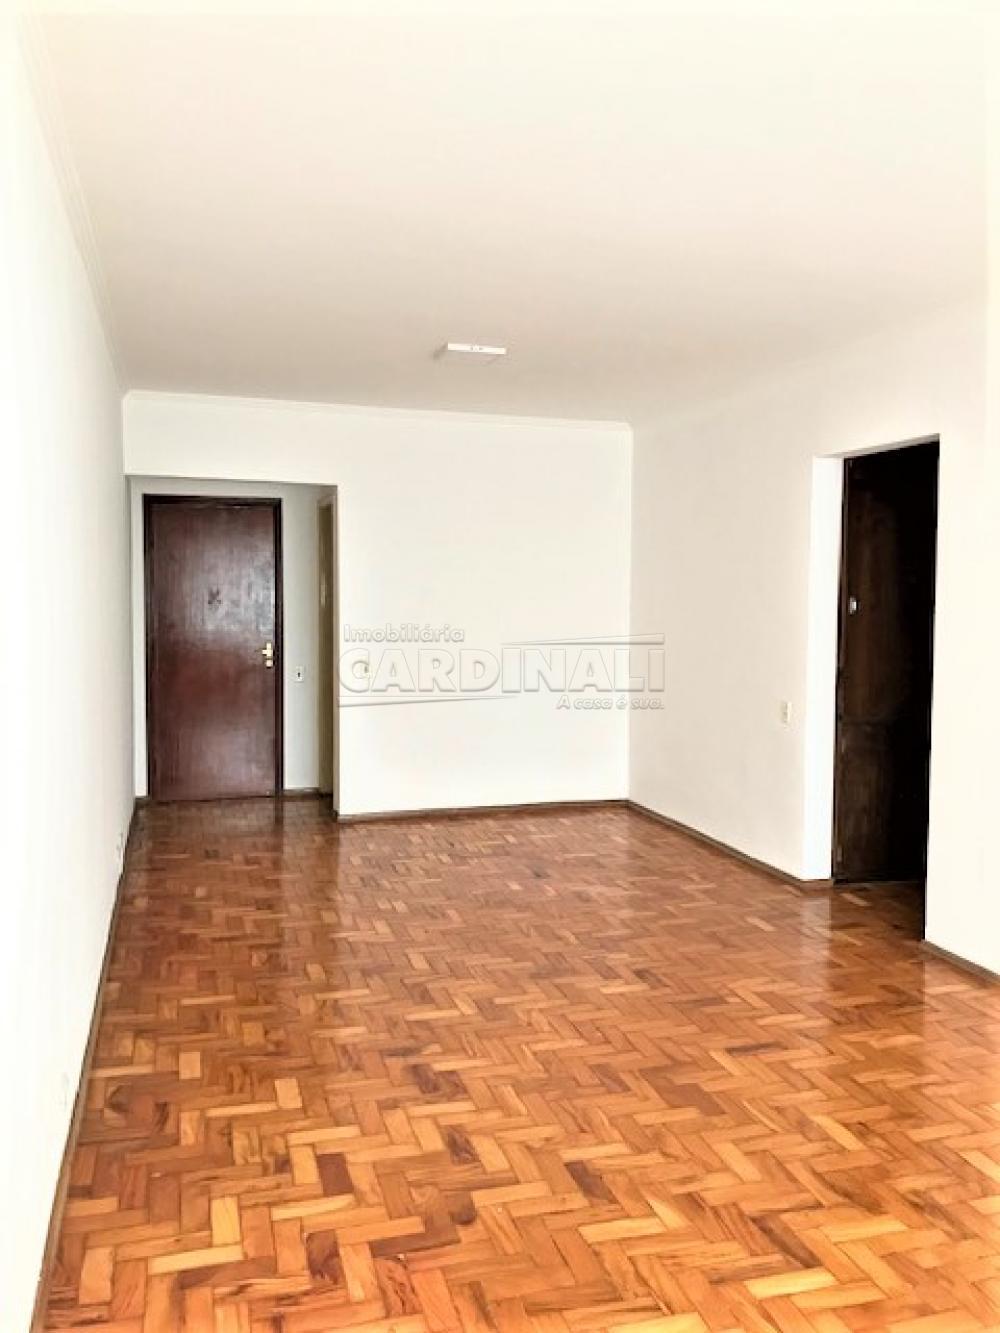 Comprar Apartamento / Padrão em São Carlos R$ 370.000,00 - Foto 10